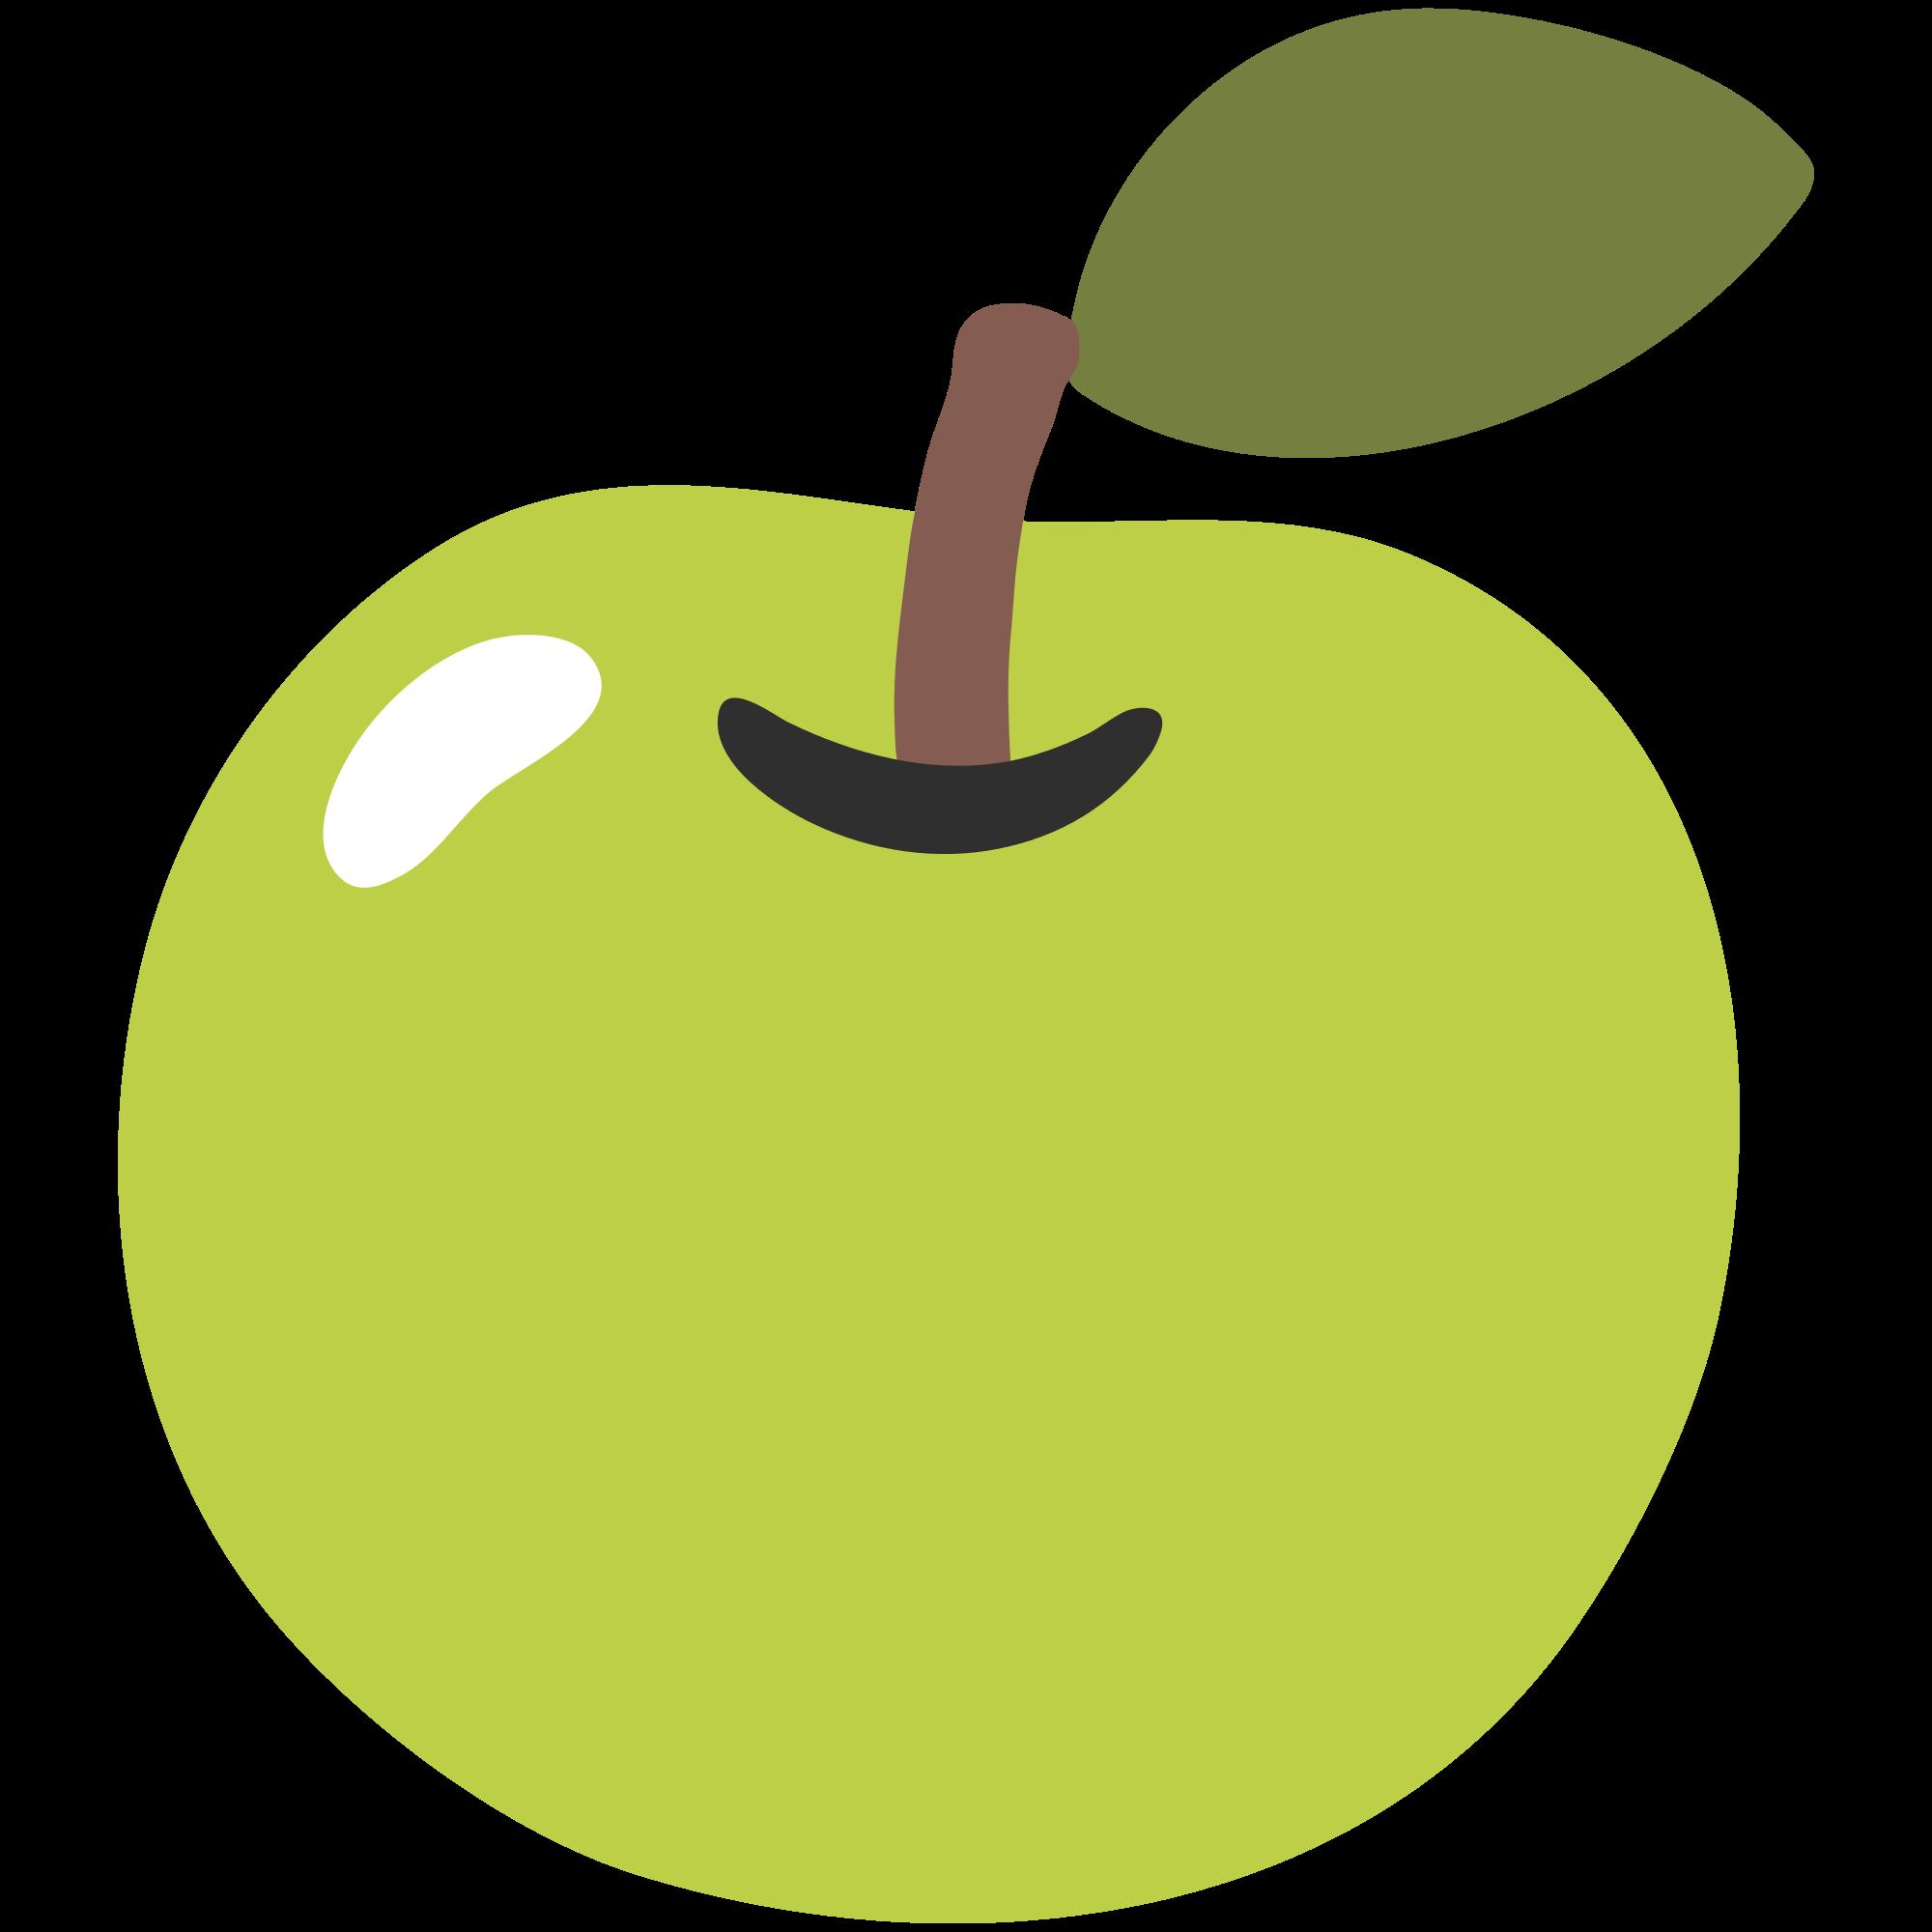 Emoji Apple transparent PNG.